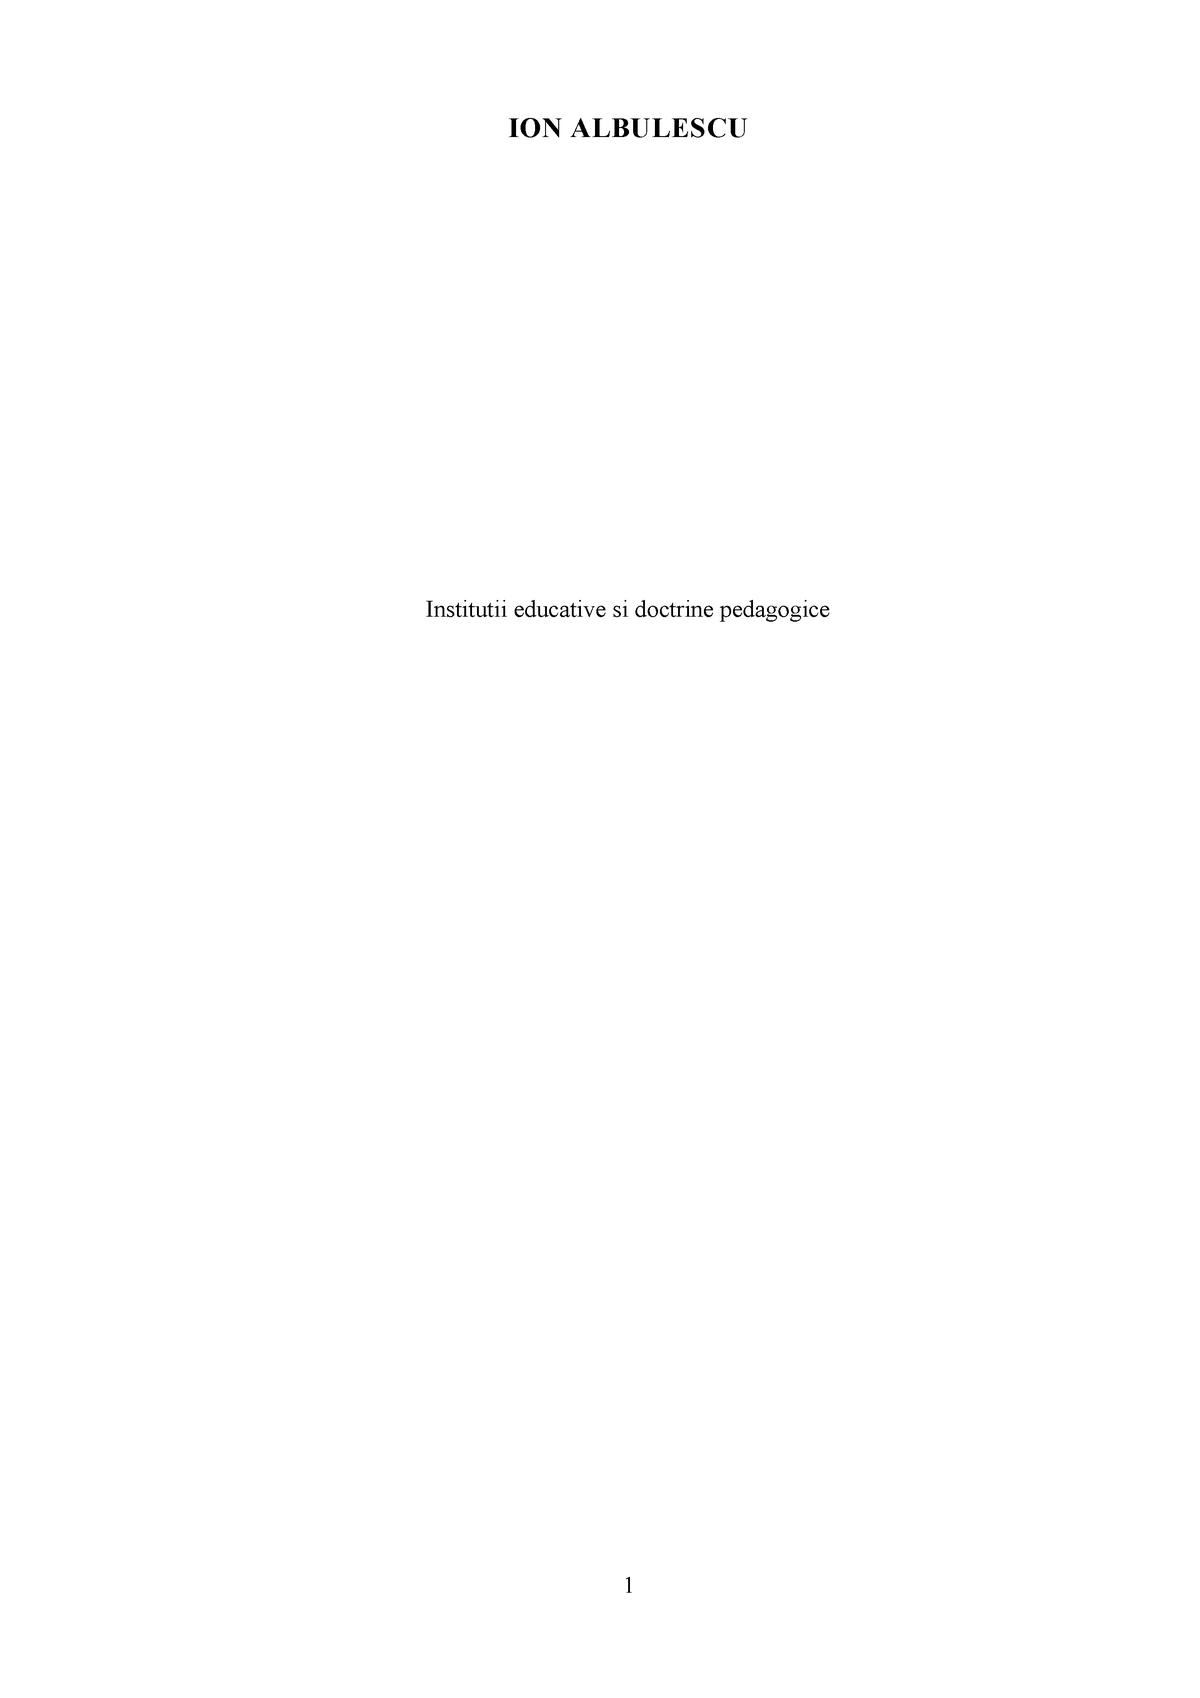 Durerile articulare: cauze, diagnostic, tratament | inapopa.ro